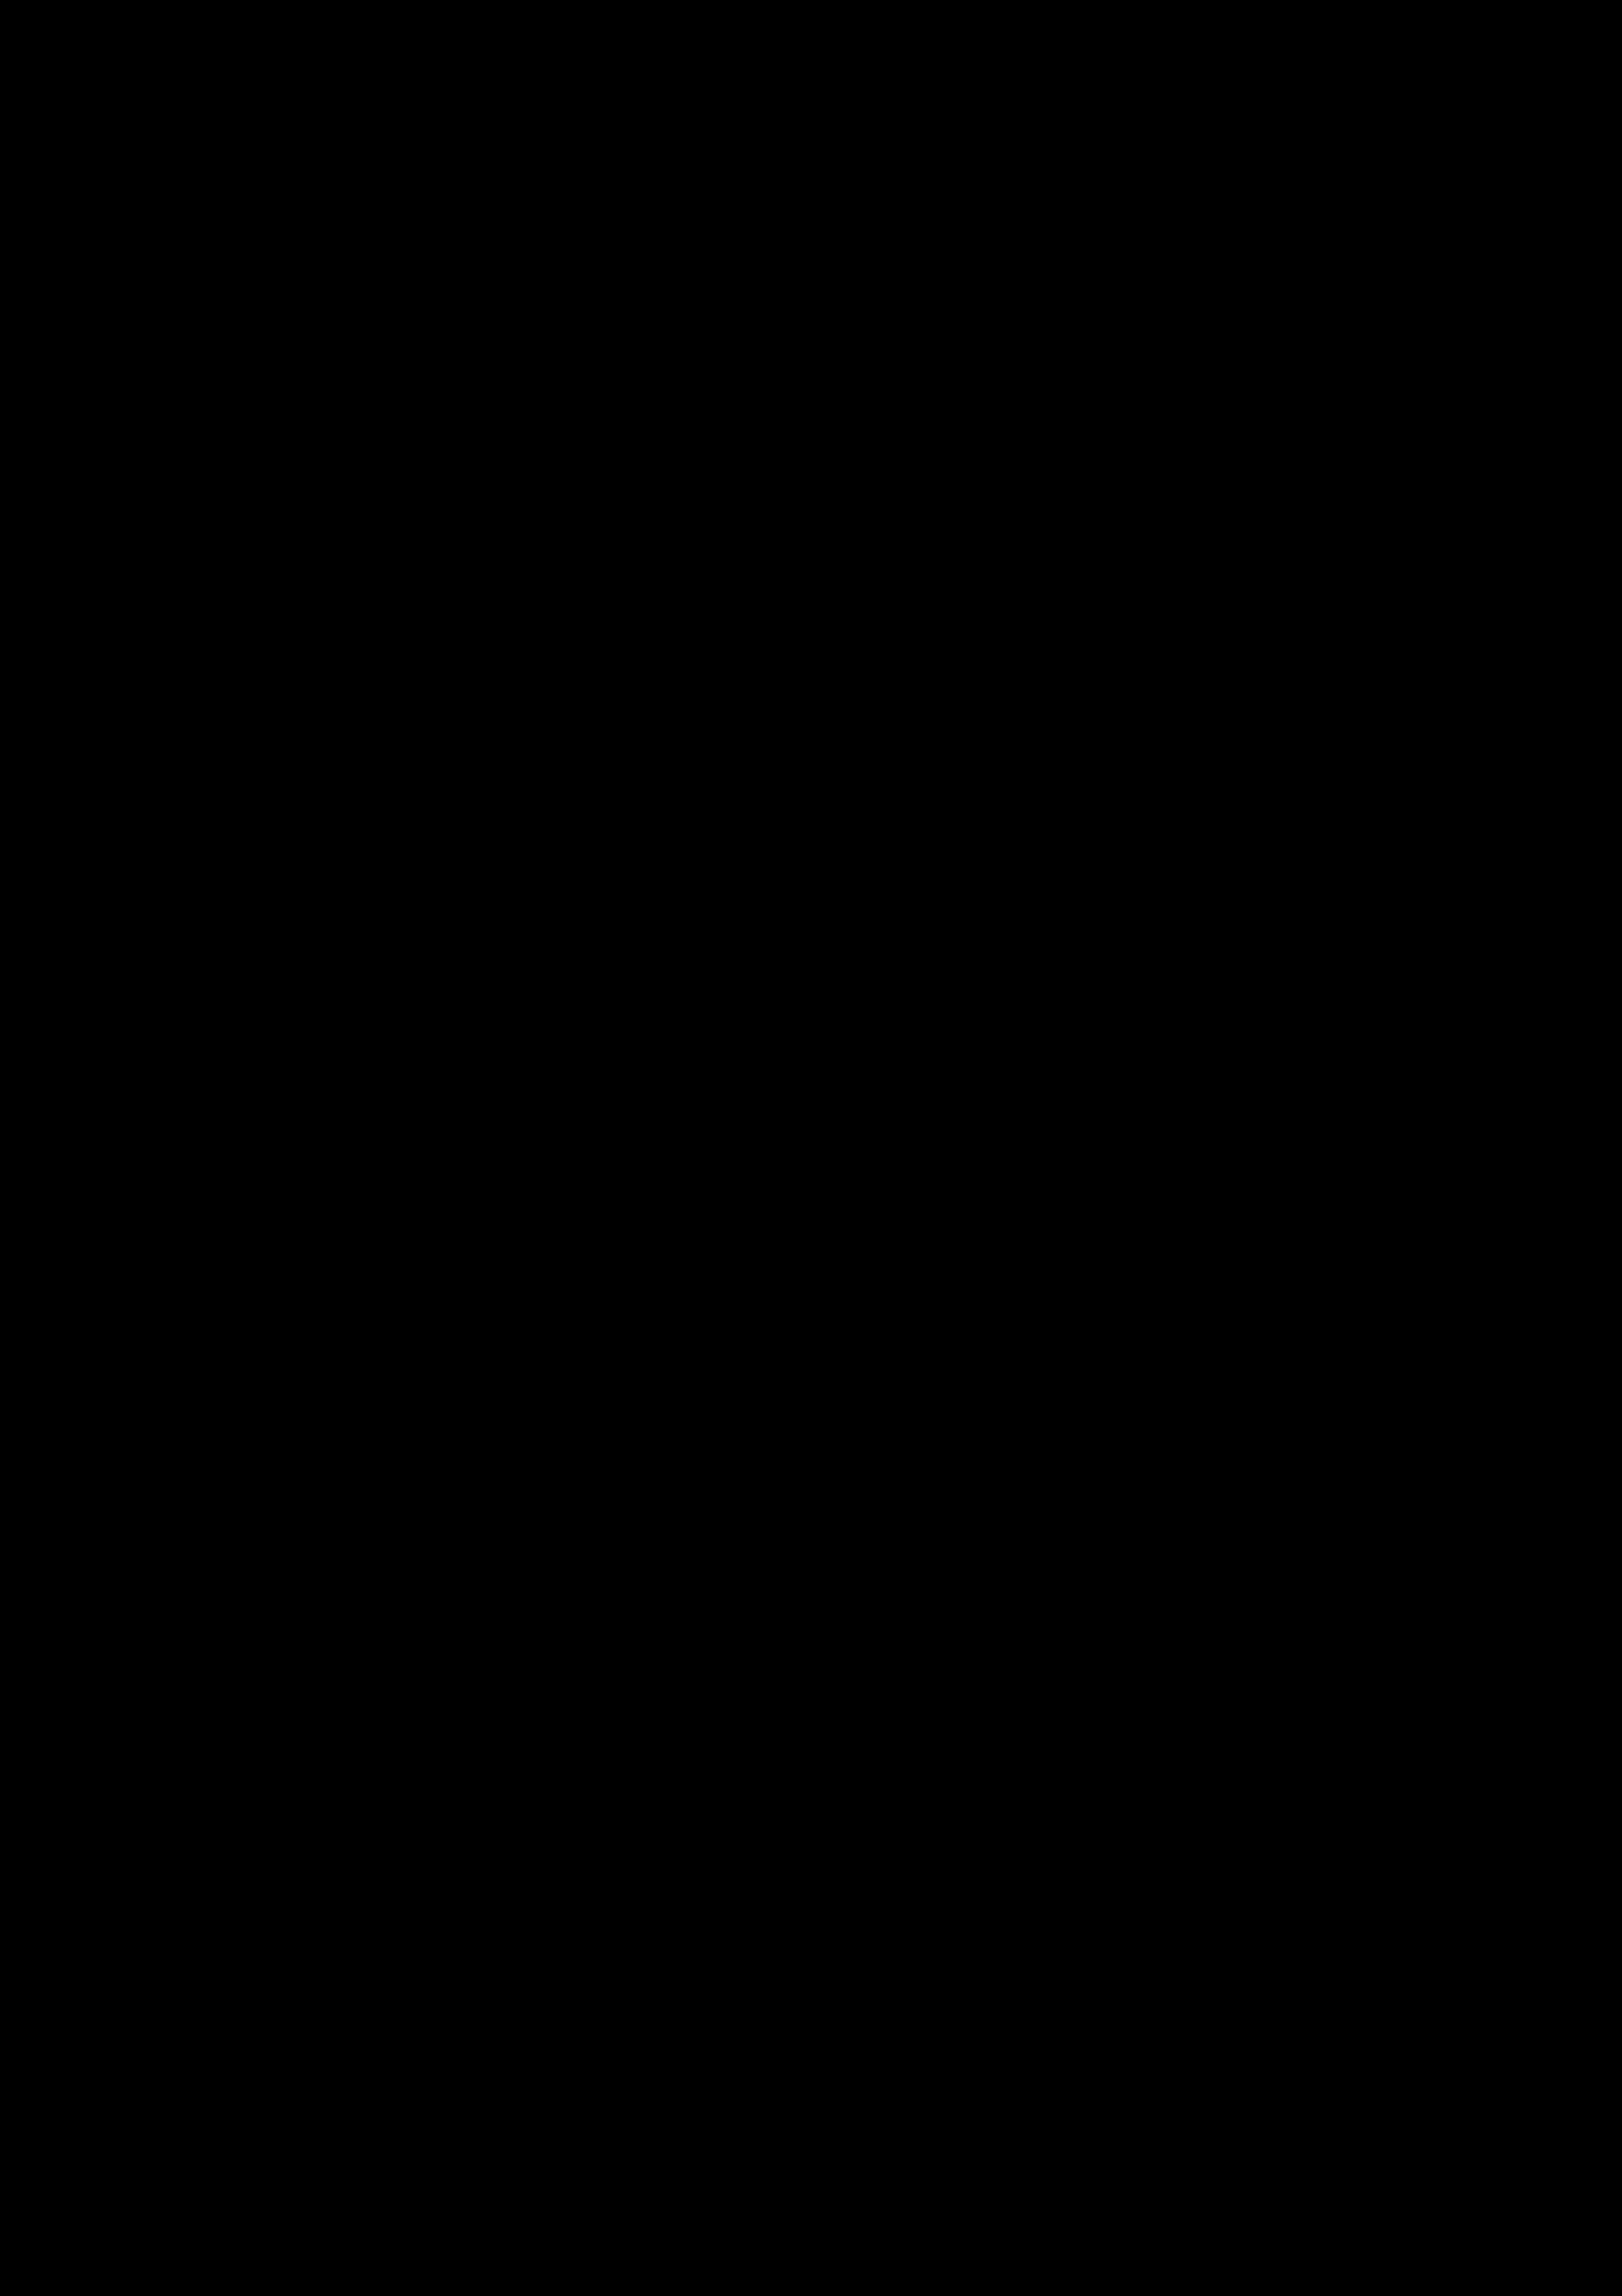 106東南亞映臺灣海報